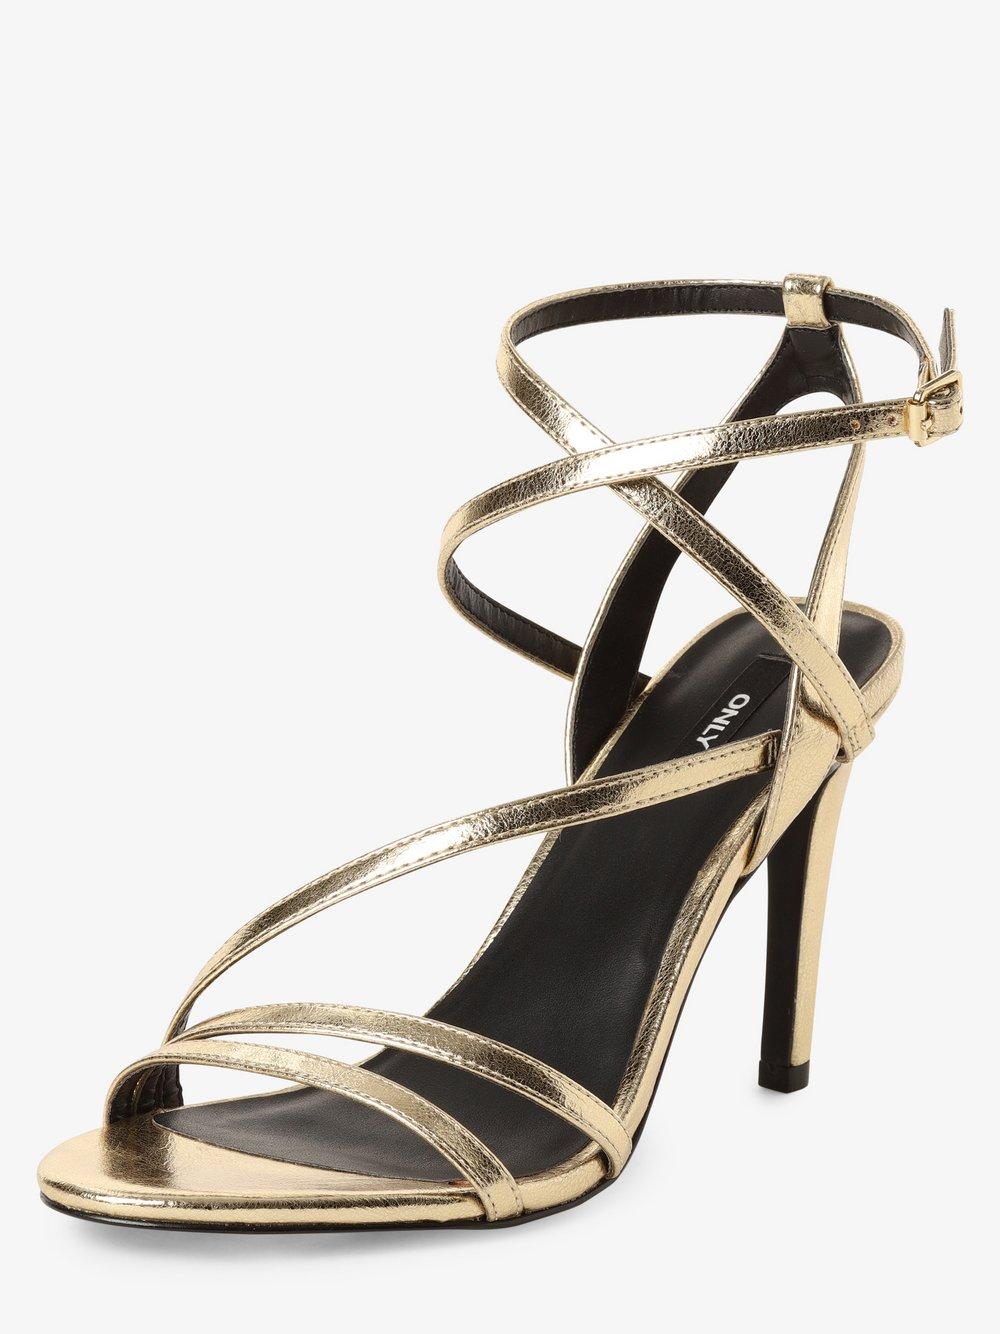 ONLY - Damskie sandały na obcasie, złoty